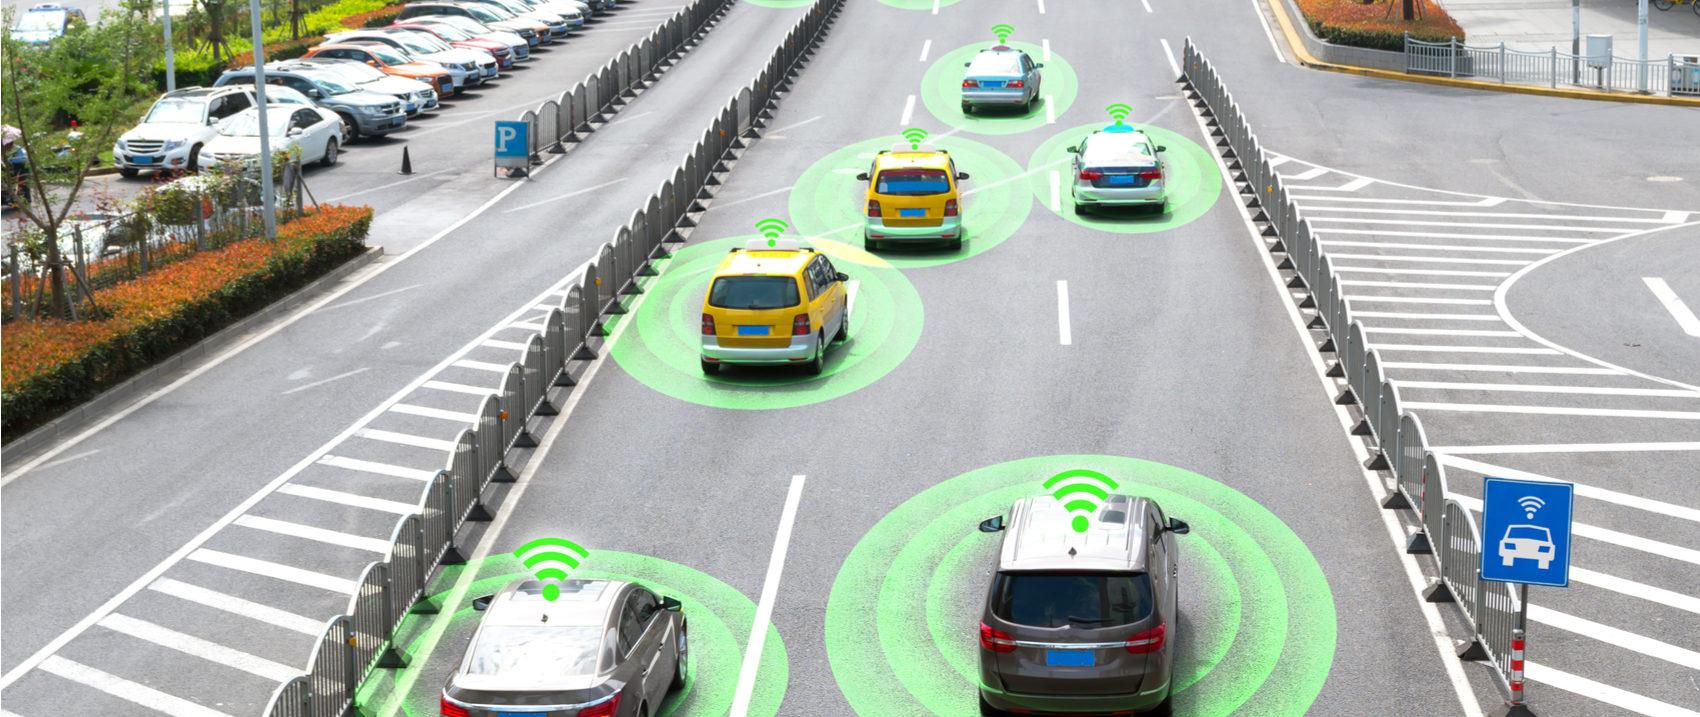 ciudad-trafico-coches-autonomos-smart-city-BBVA